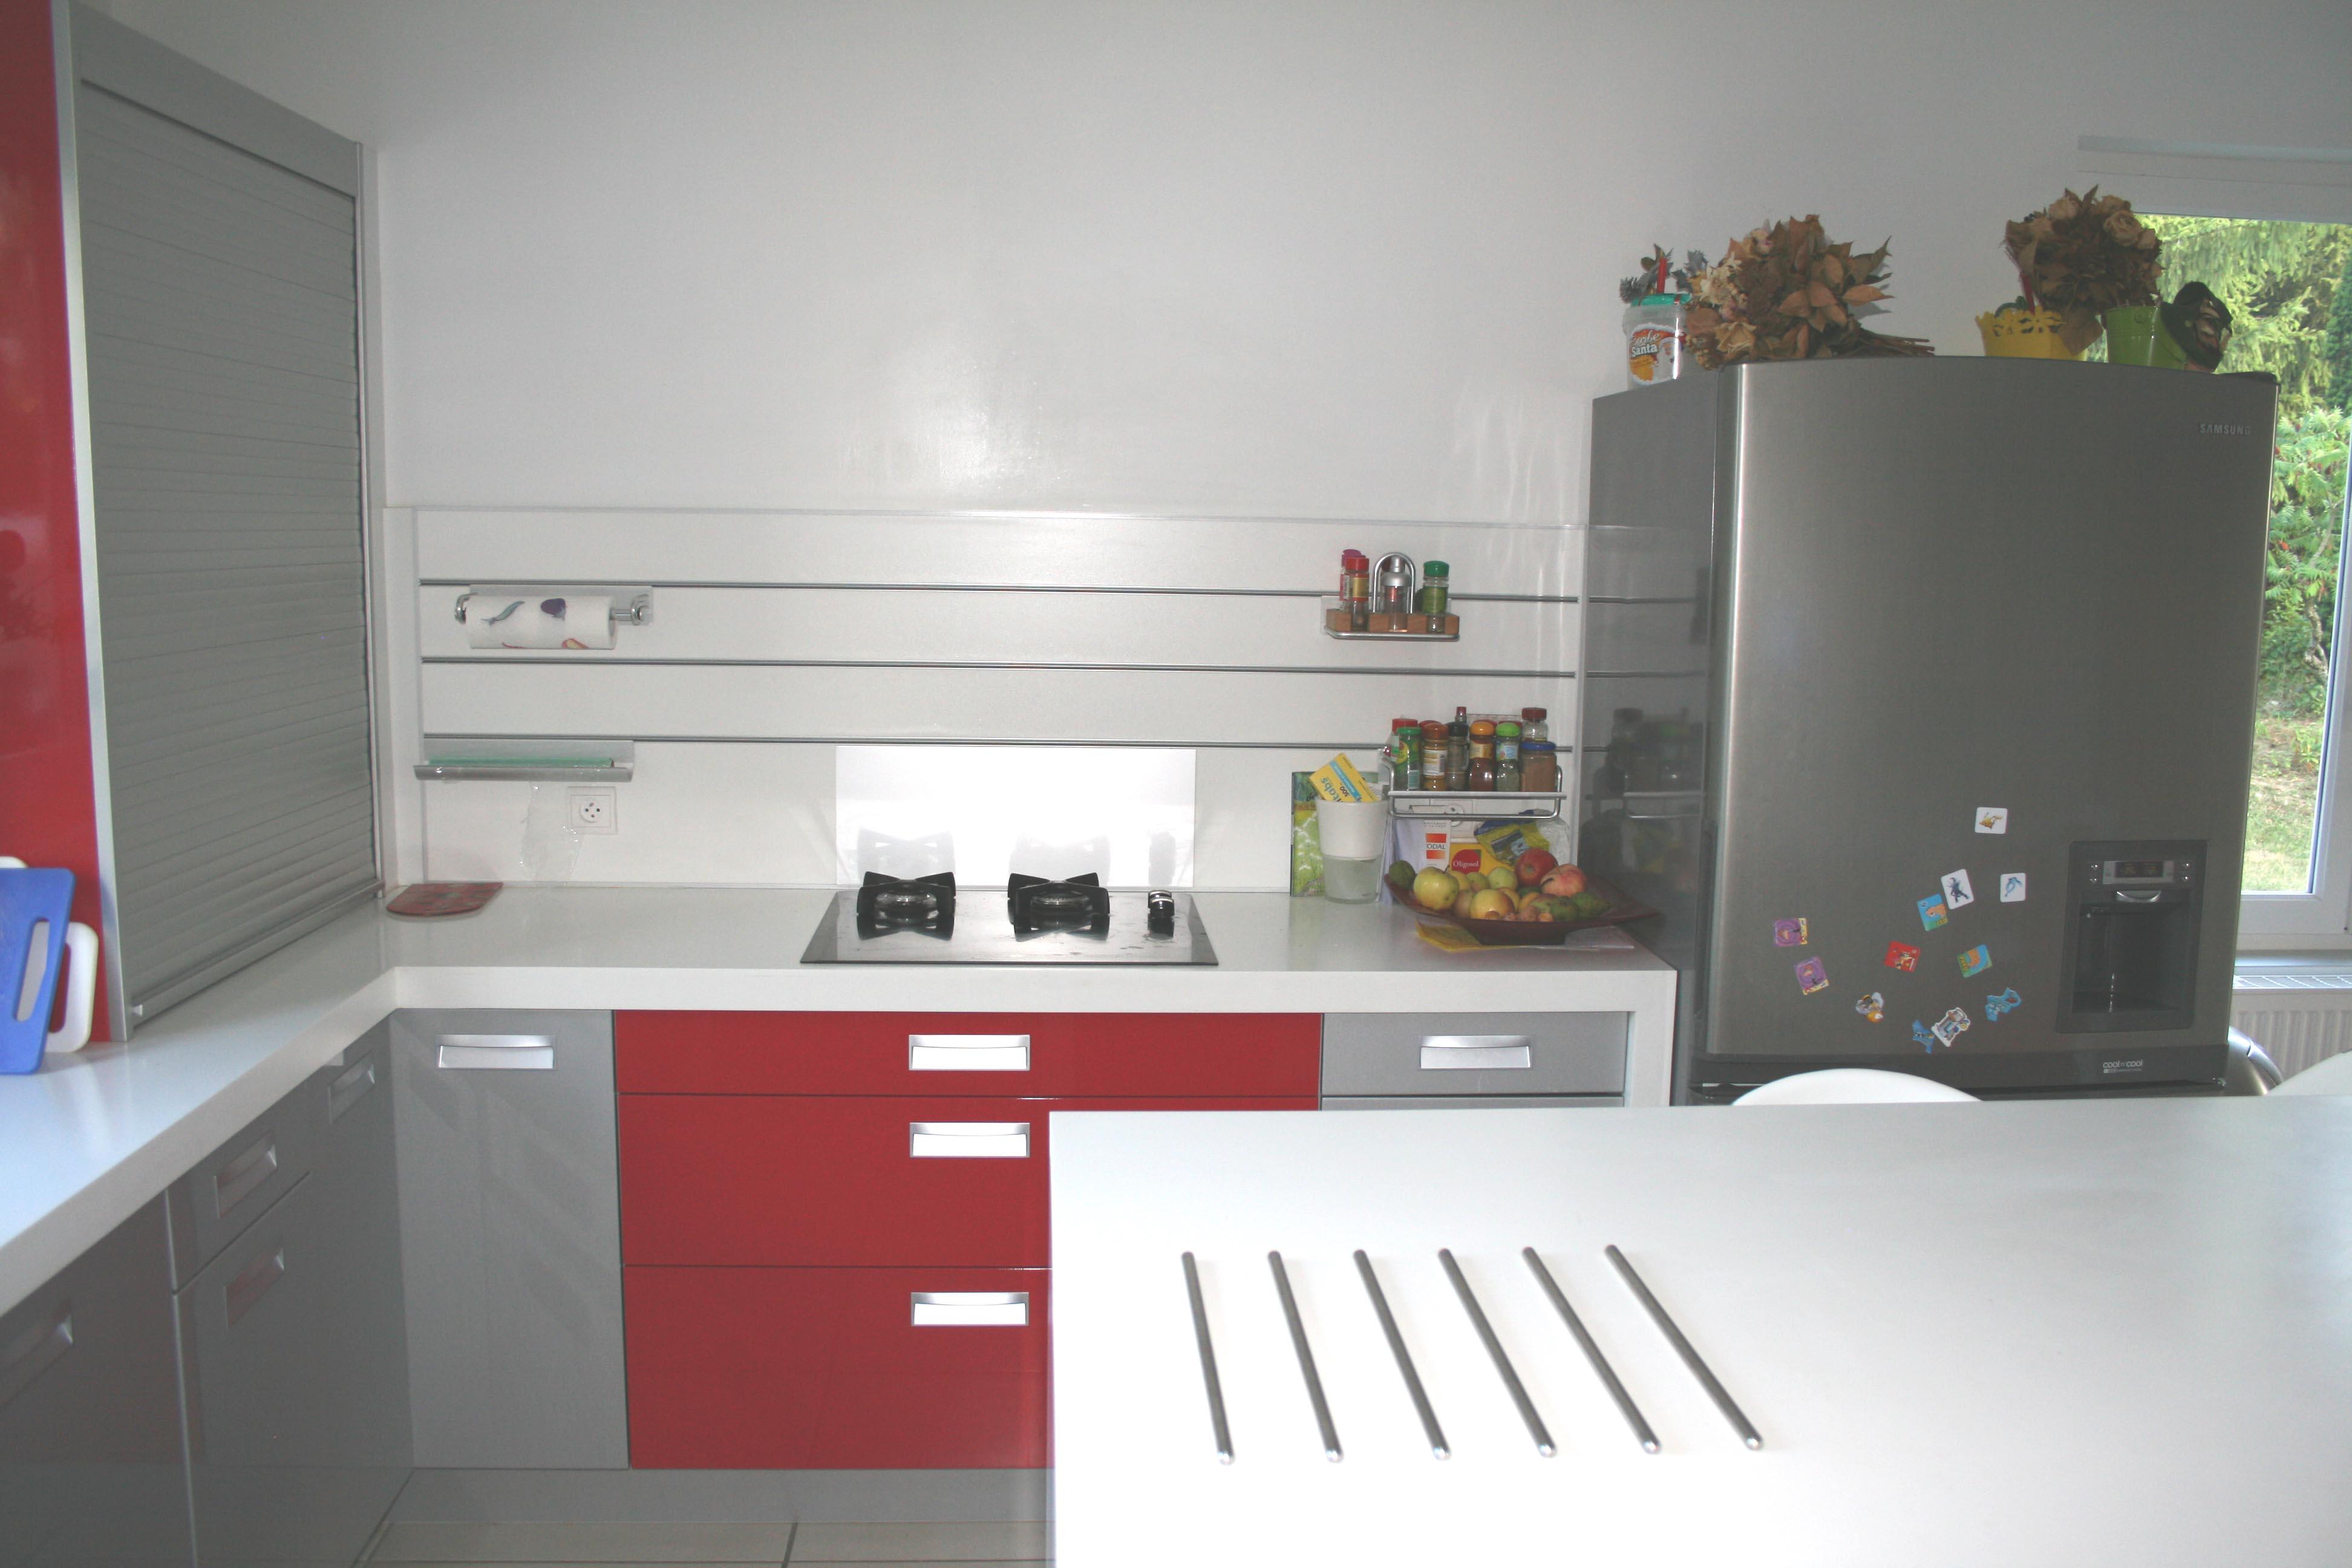 cuisines contemporaines meubles decroix. Black Bedroom Furniture Sets. Home Design Ideas